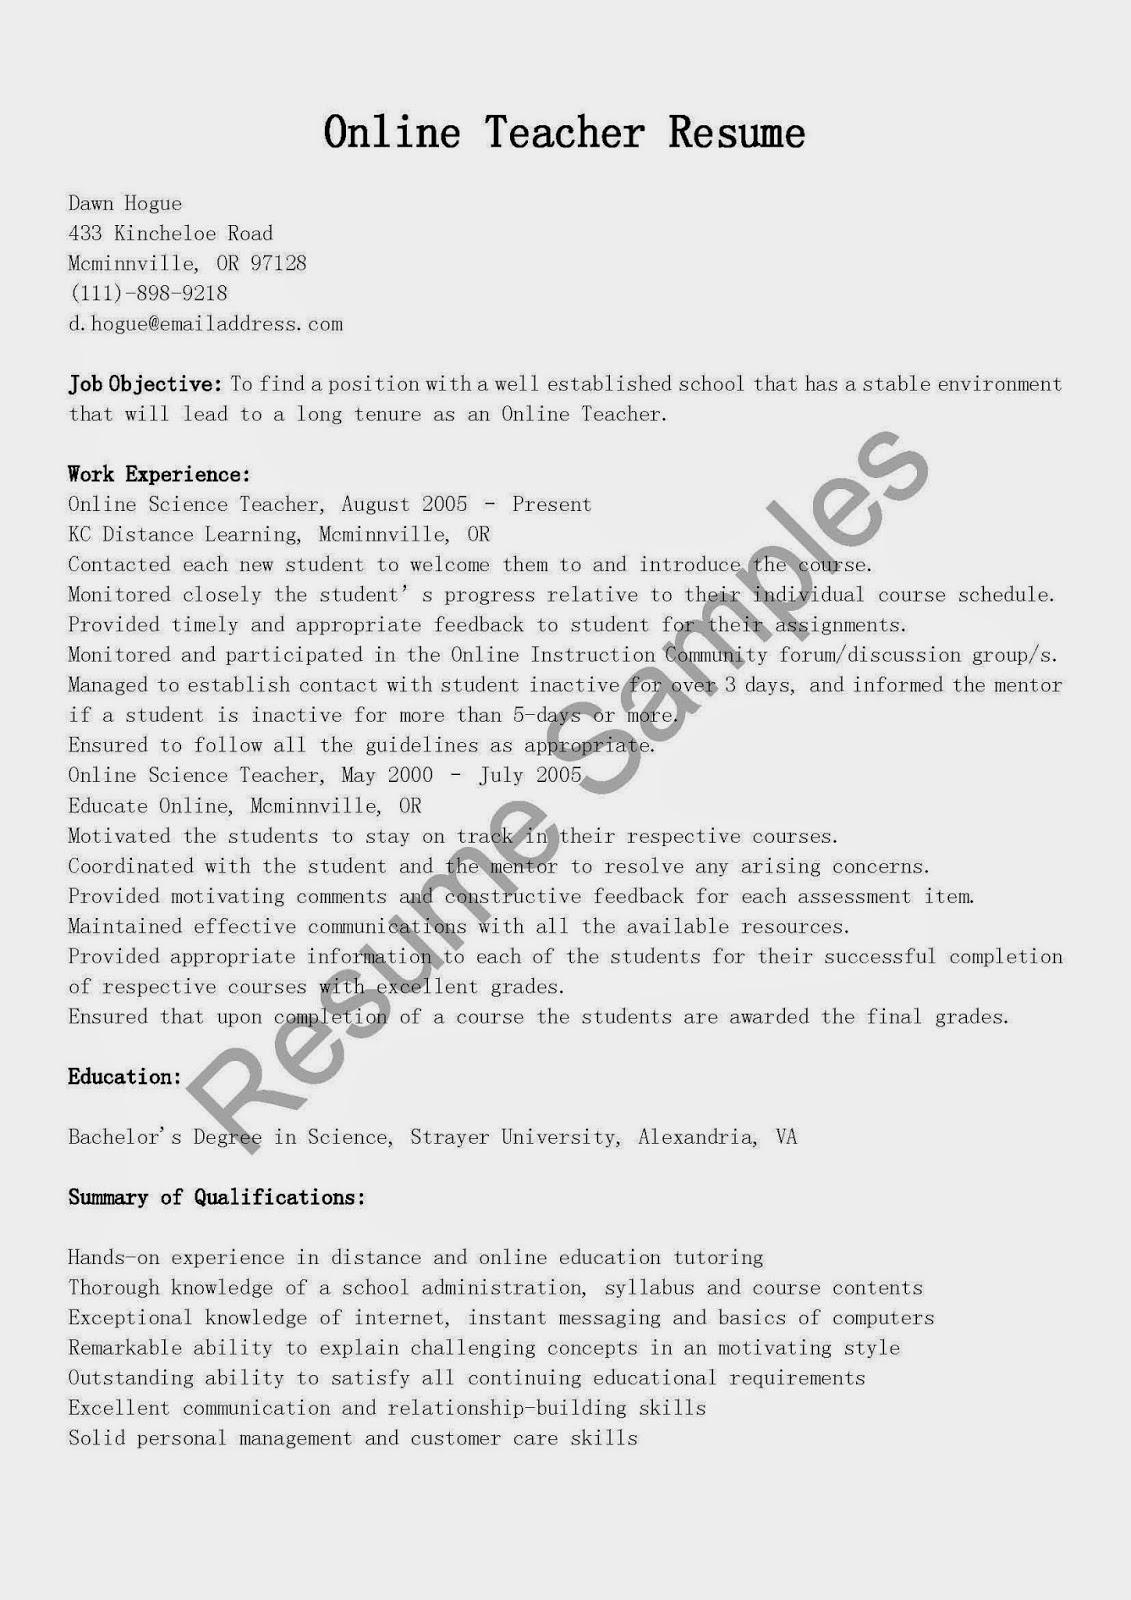 resume samples  online teacher resume sample